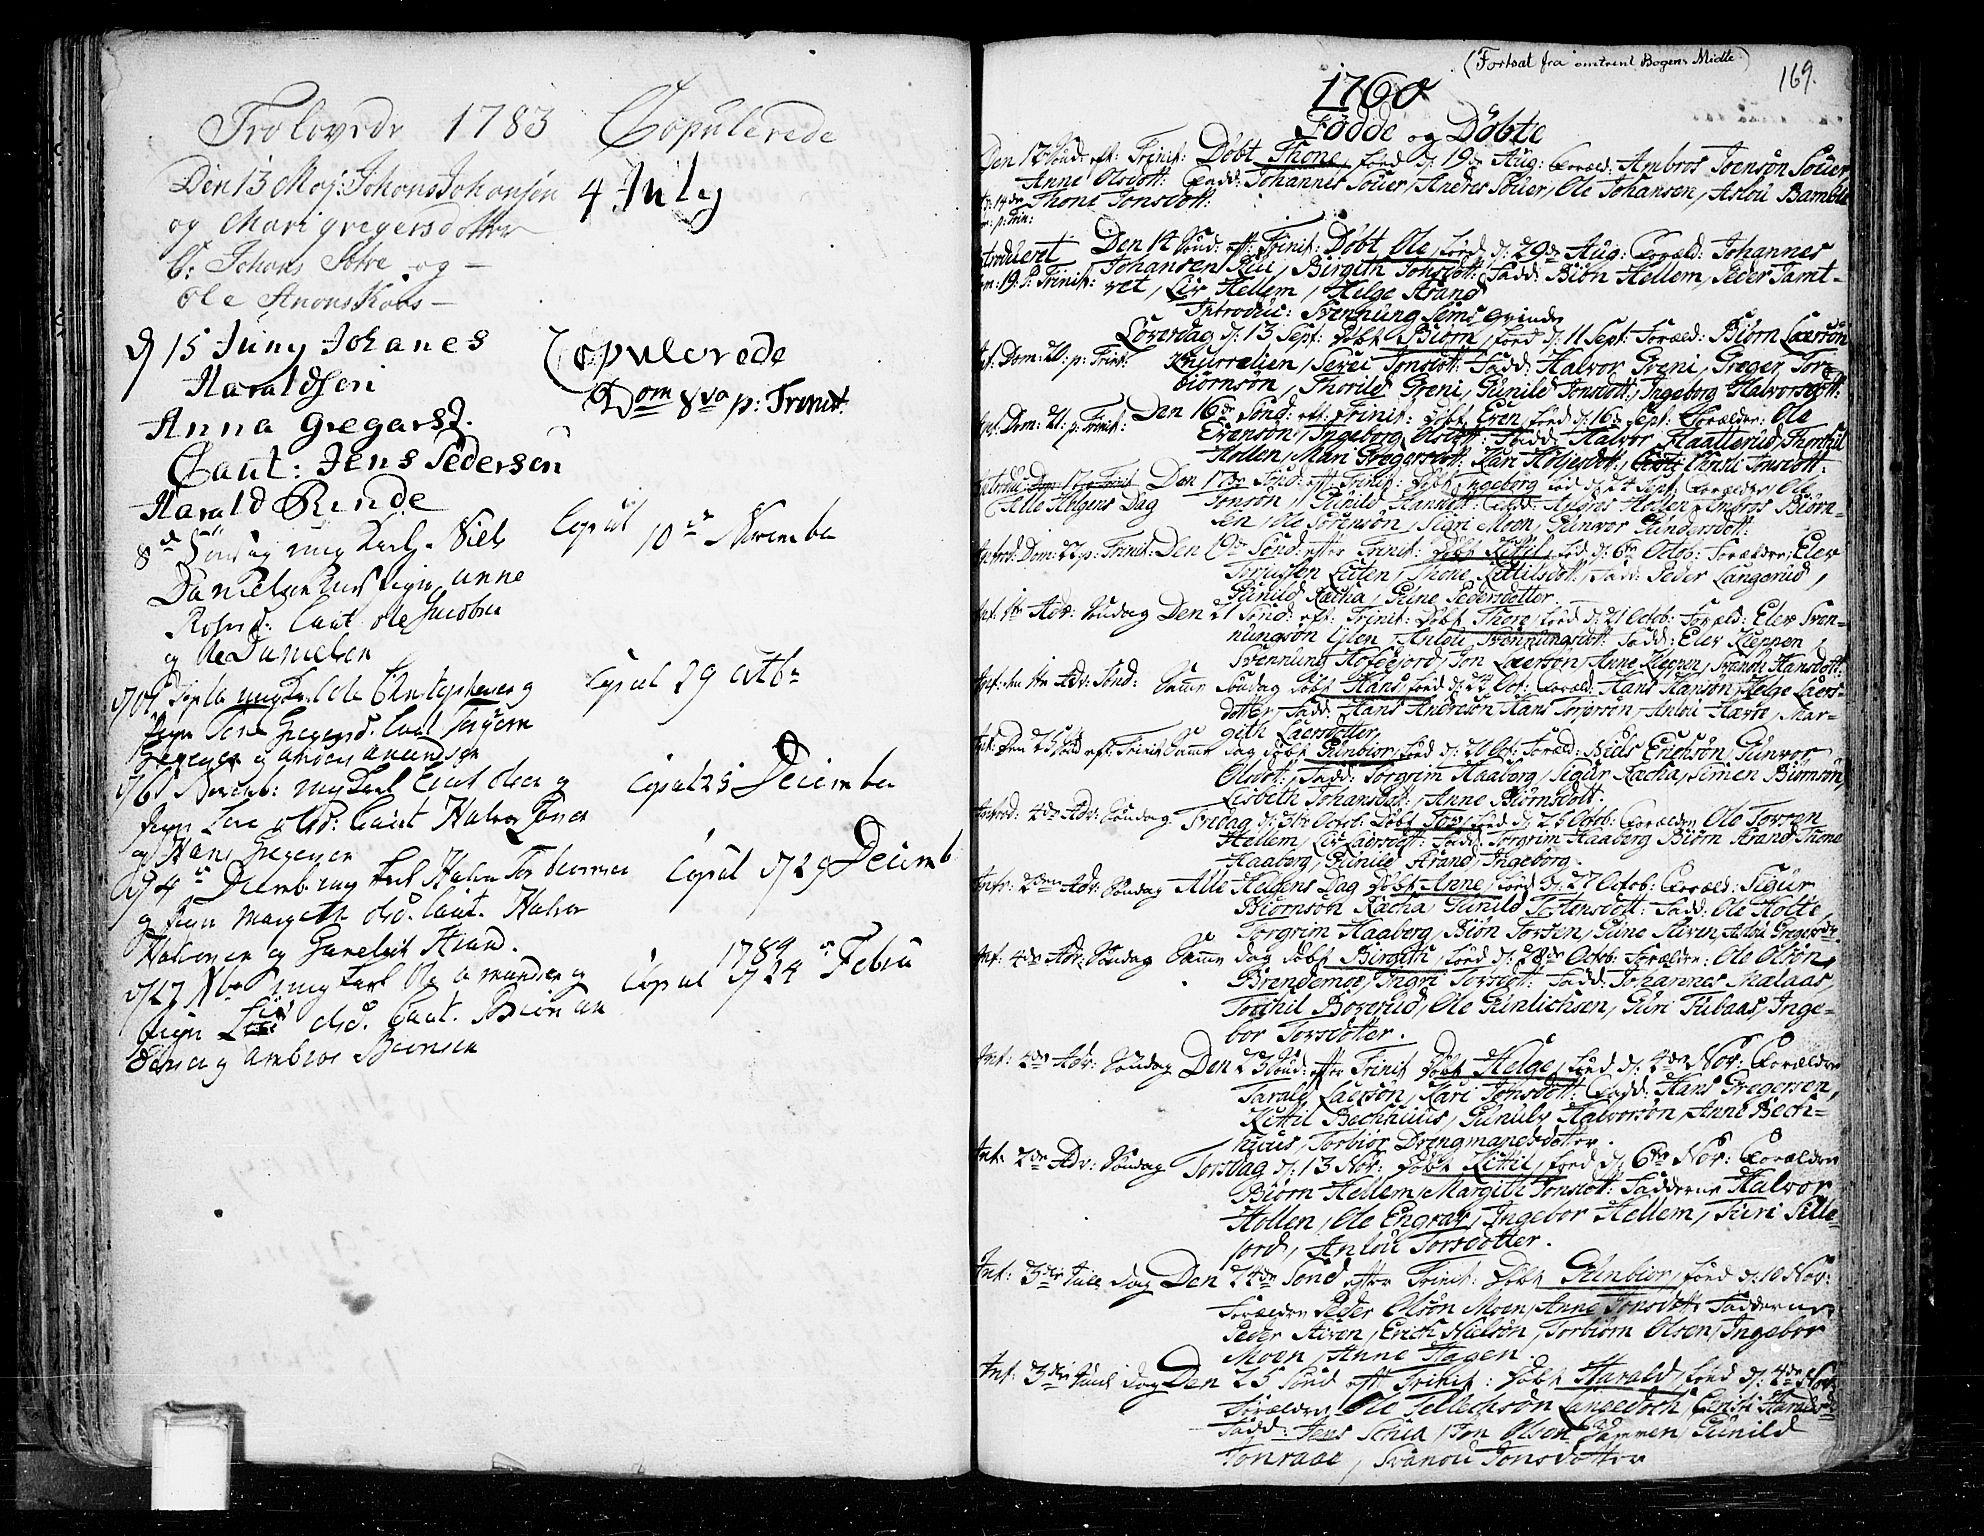 SAKO, Heddal kirkebøker, F/Fa/L0003: Ministerialbok nr. I 3, 1723-1783, s. 169